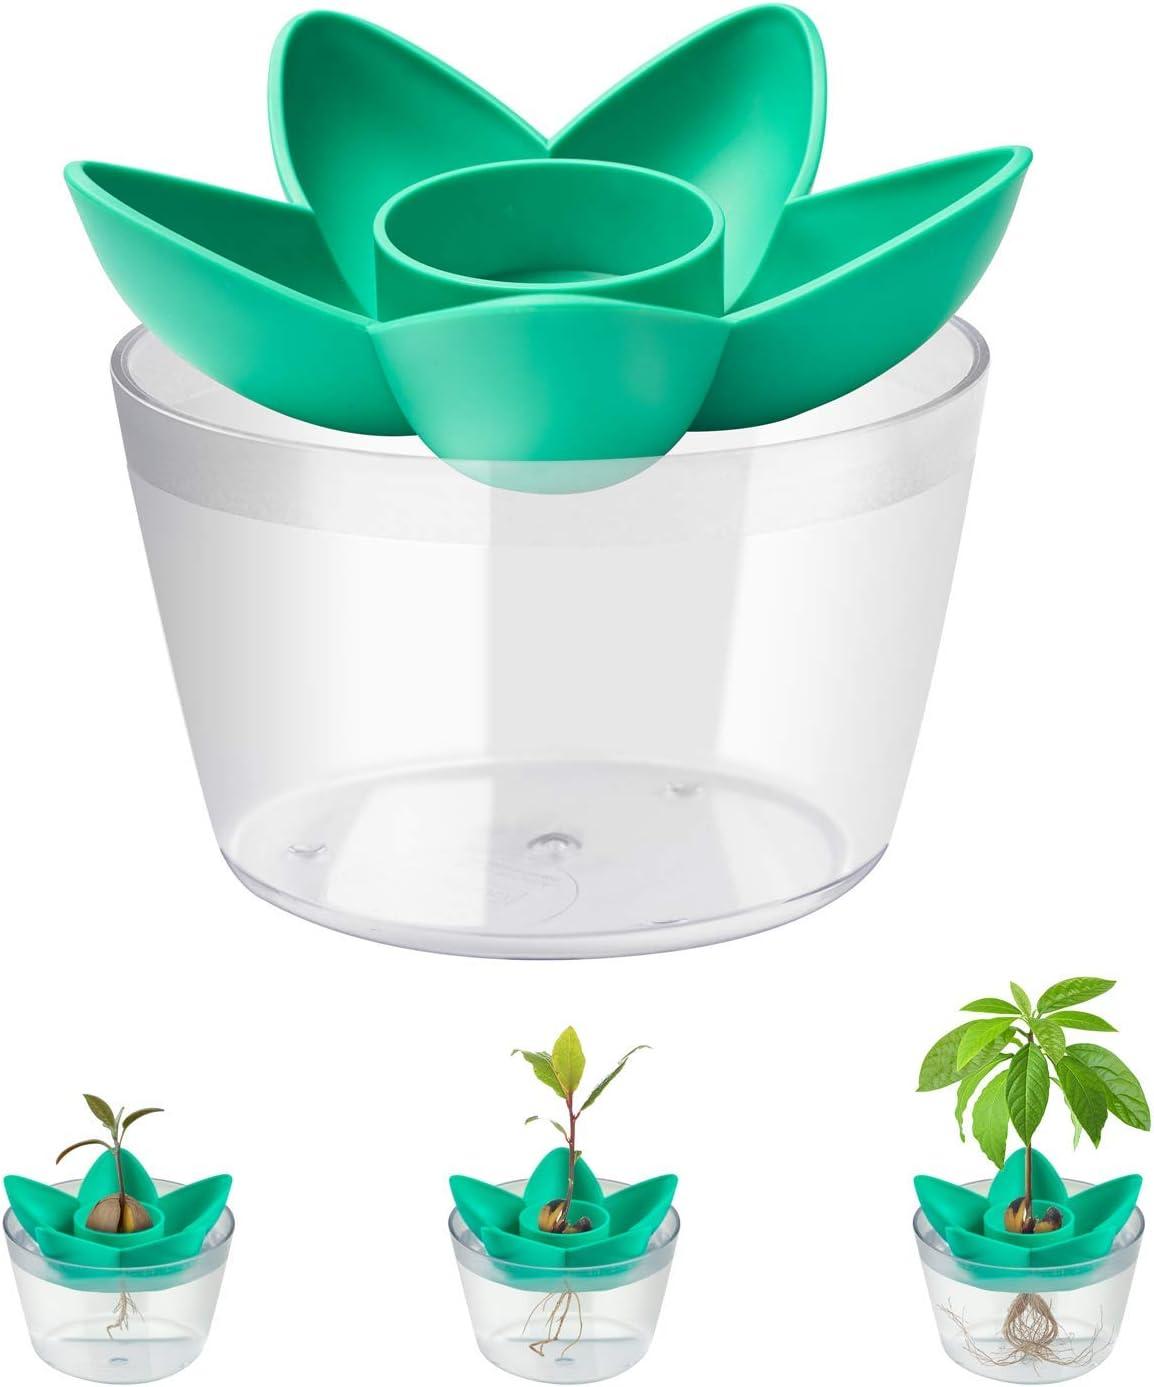 HENMI Tazón de Plantación de Semillas de Aguacate Kit,Planta tu Propio Arbol de Aguacate,Adecuado para Plantar Regalos de Semillas de Balcones Interiores de Jardín para Amigos (Sin semillas)